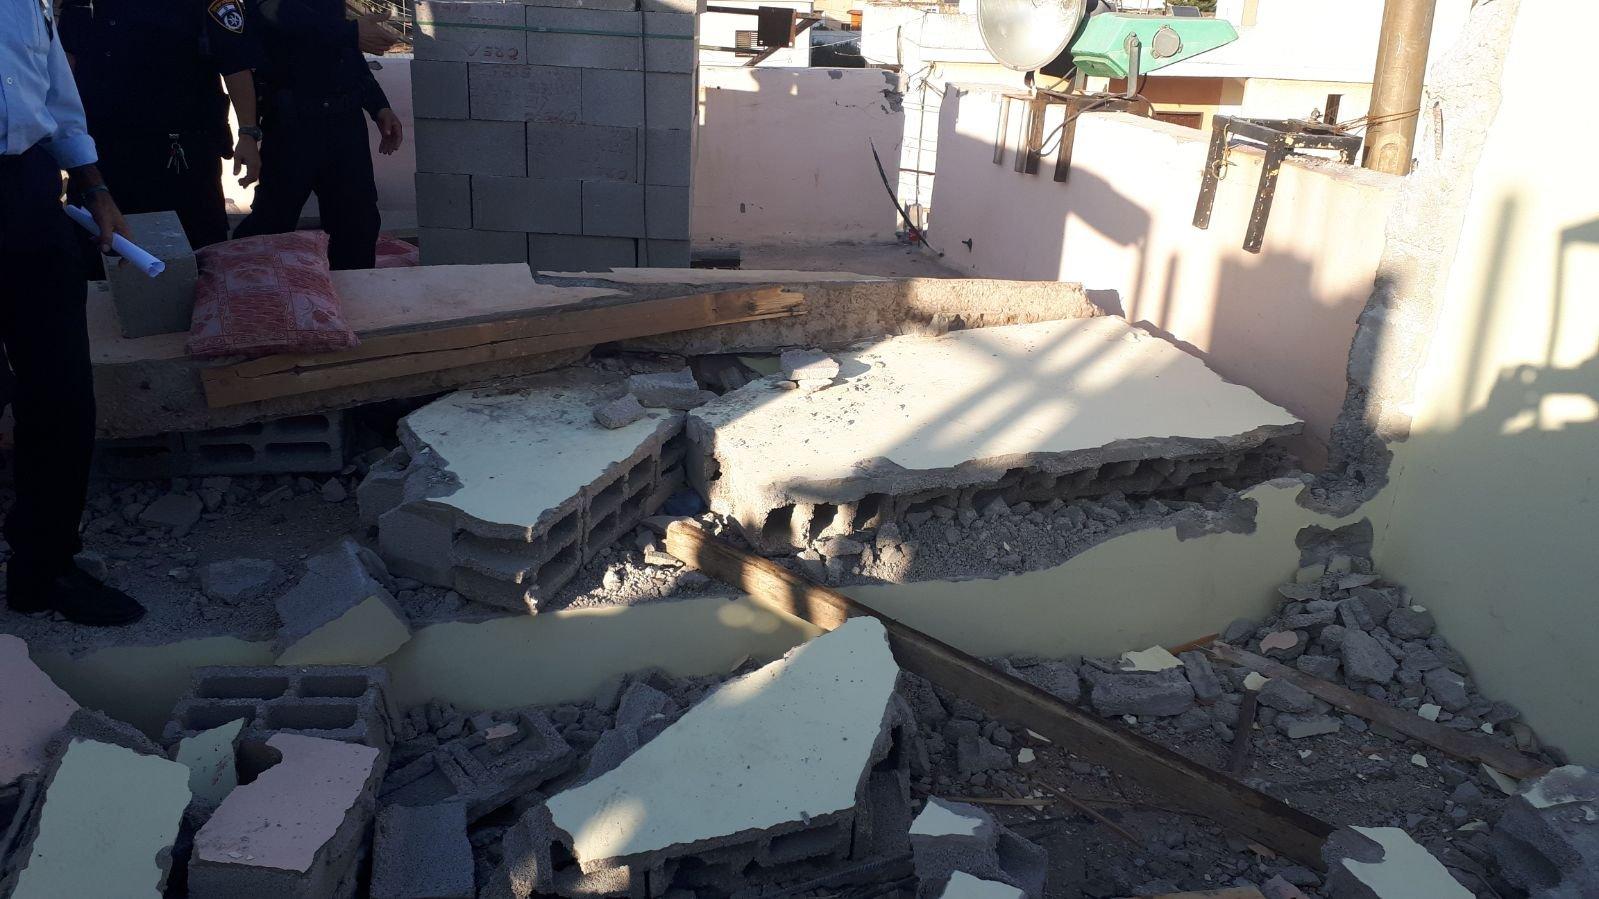 المغار: مصرع حسين سواعد خلال ترميم منزله!